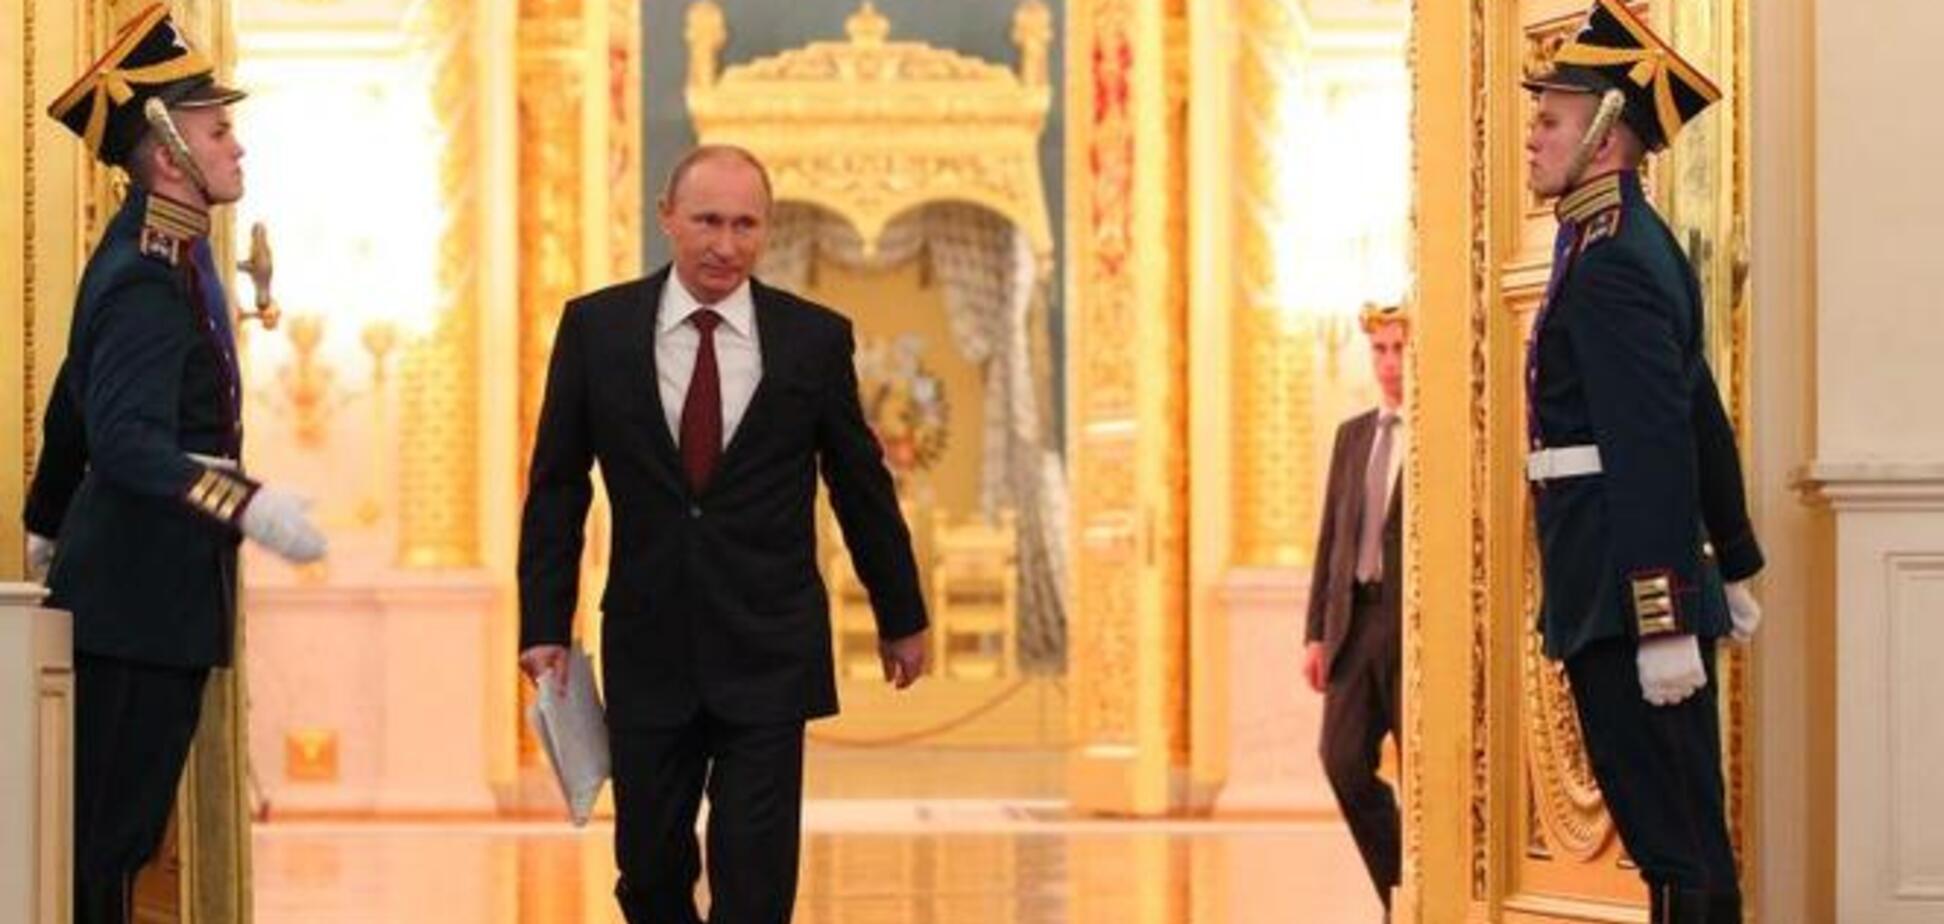 Путін хоче довічно правити Росією: експолковник ФСБ розповів про новий план